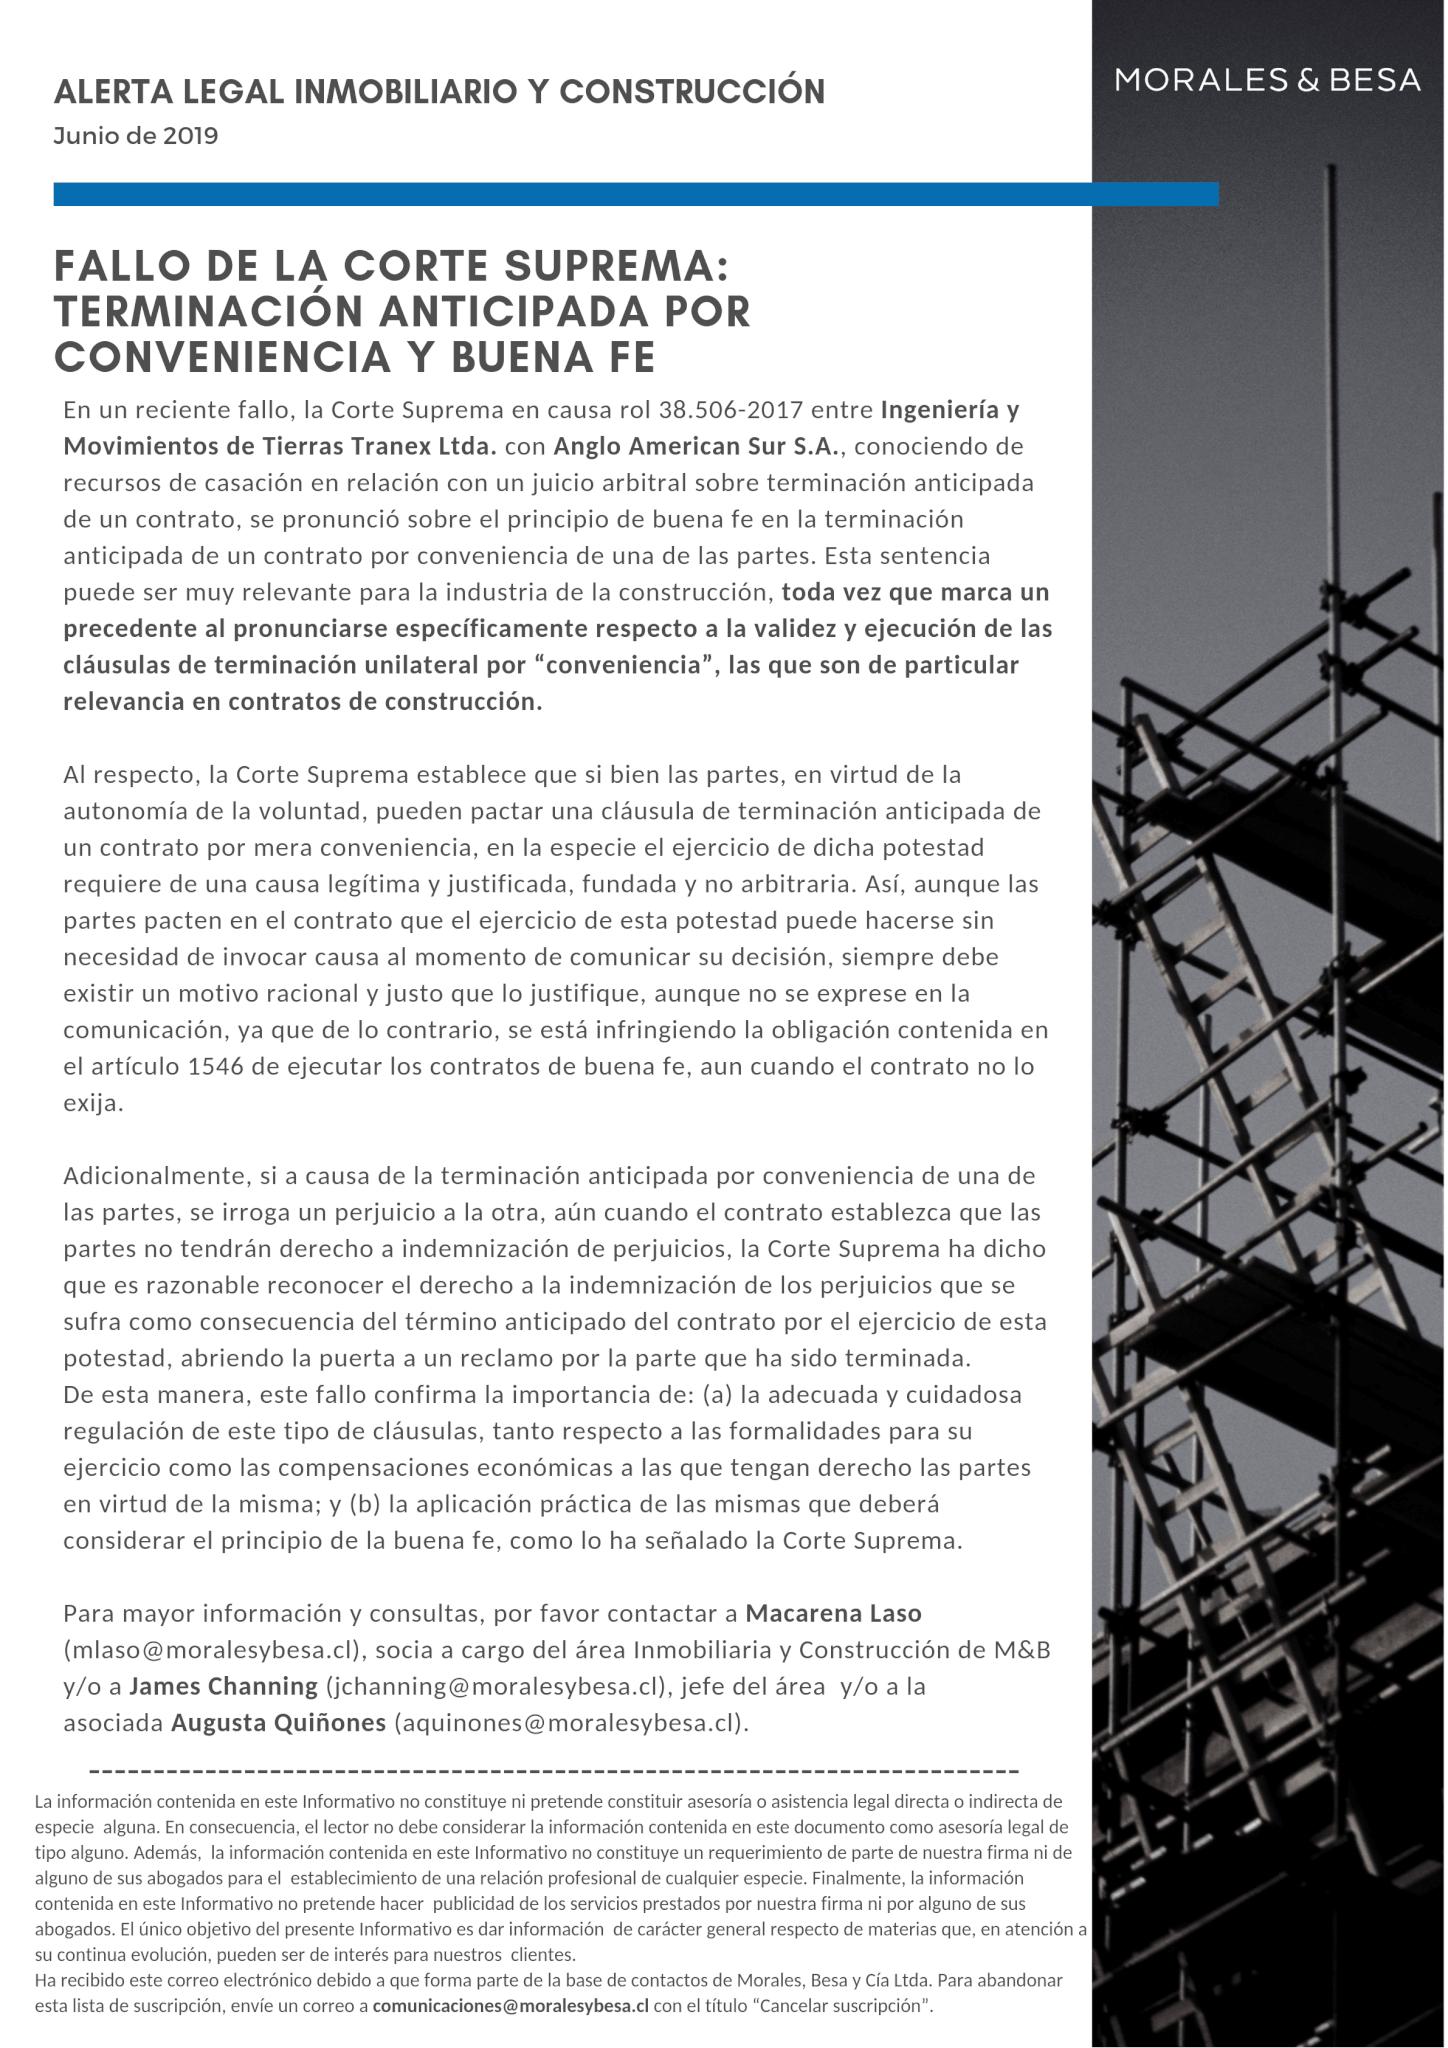 Alerta Legal M&B - Inmobiliario y Construcción - Junio 2019